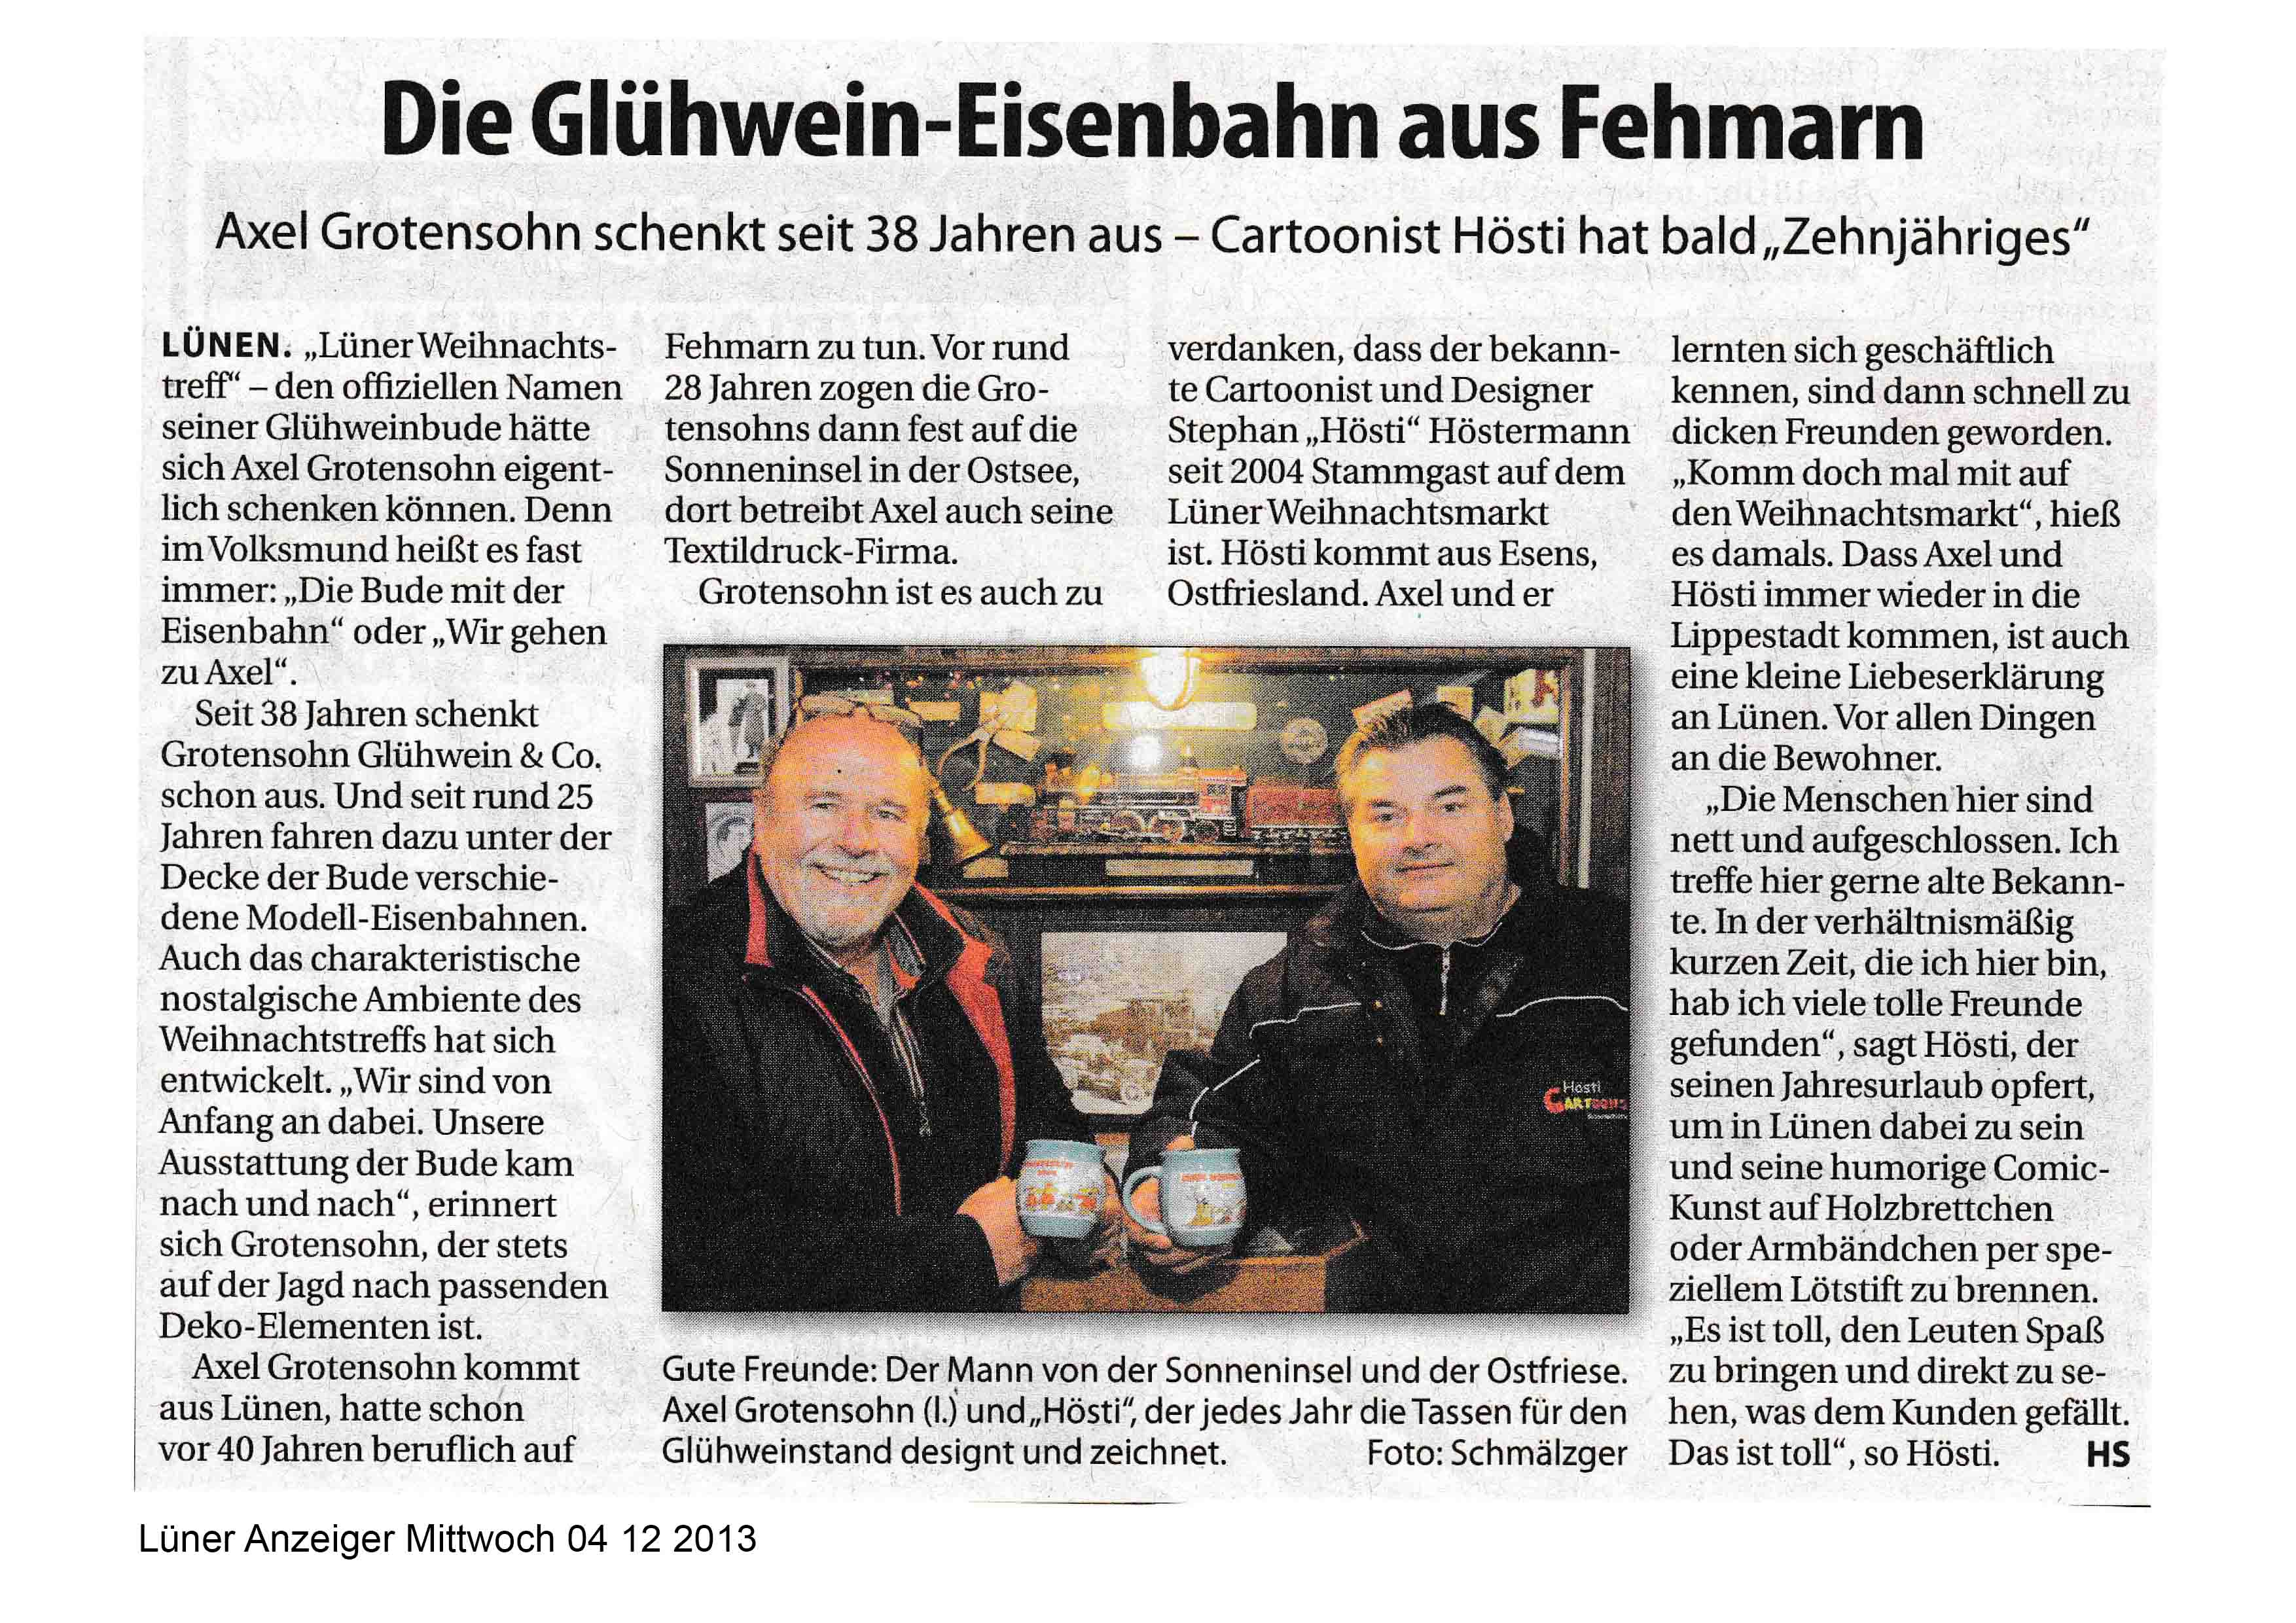 Lüner Anzeiger Mittwoch 04 12 2013